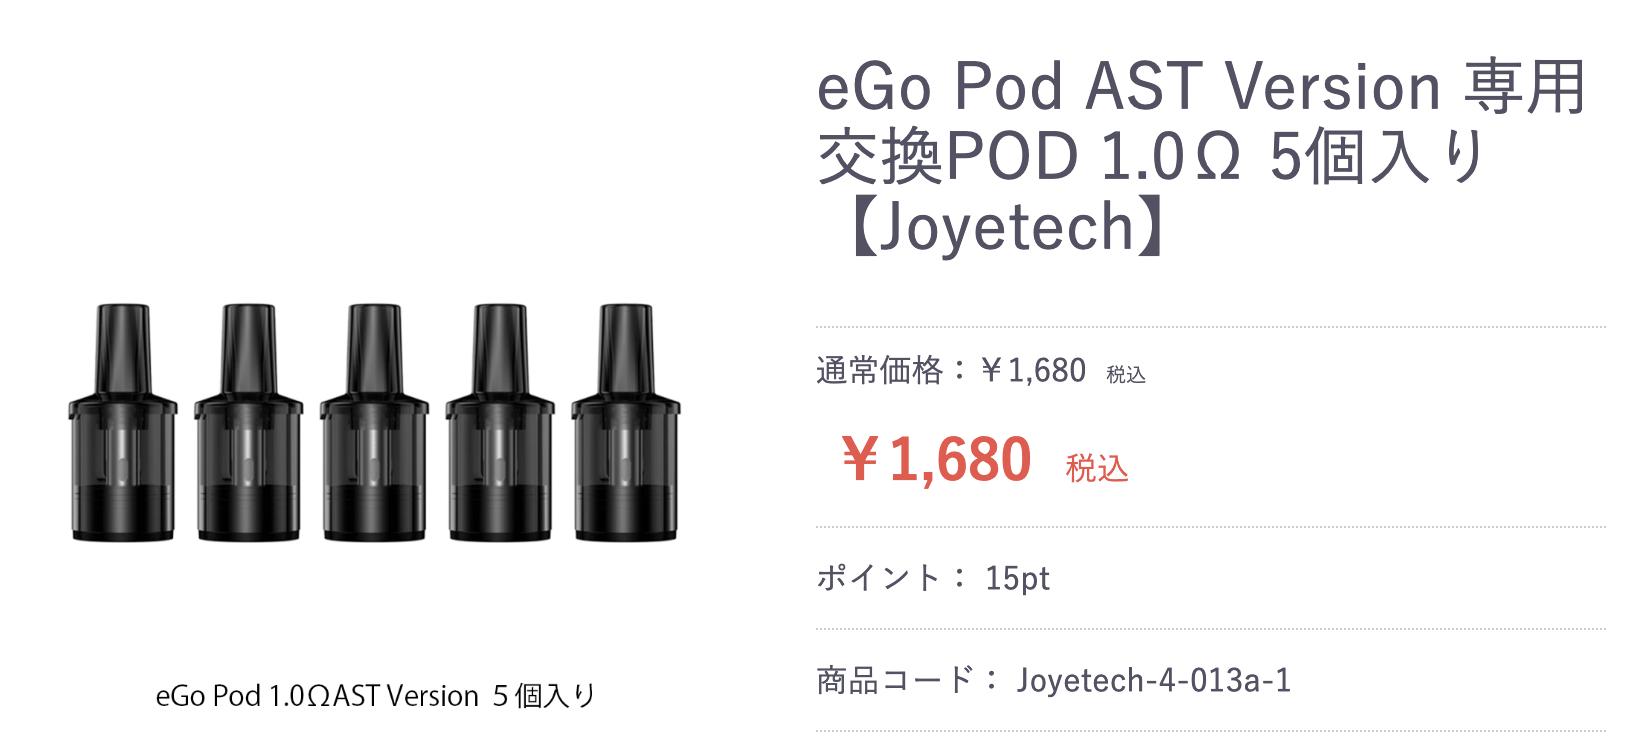 ego Pod ASTの交換用POD(カートリッジ)